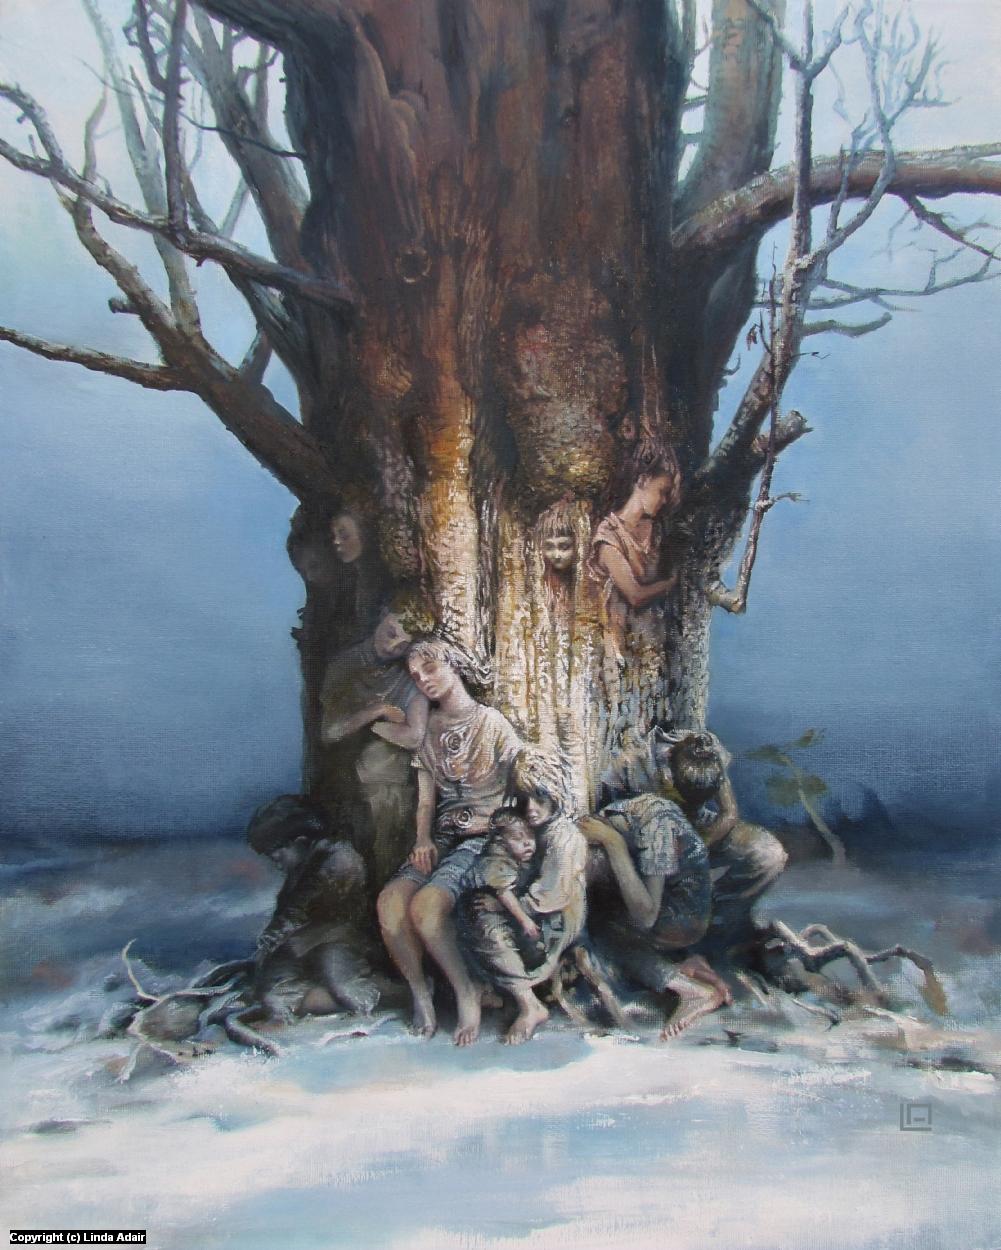 The Tree of Splintered Dreams Artwork by Linda Adair